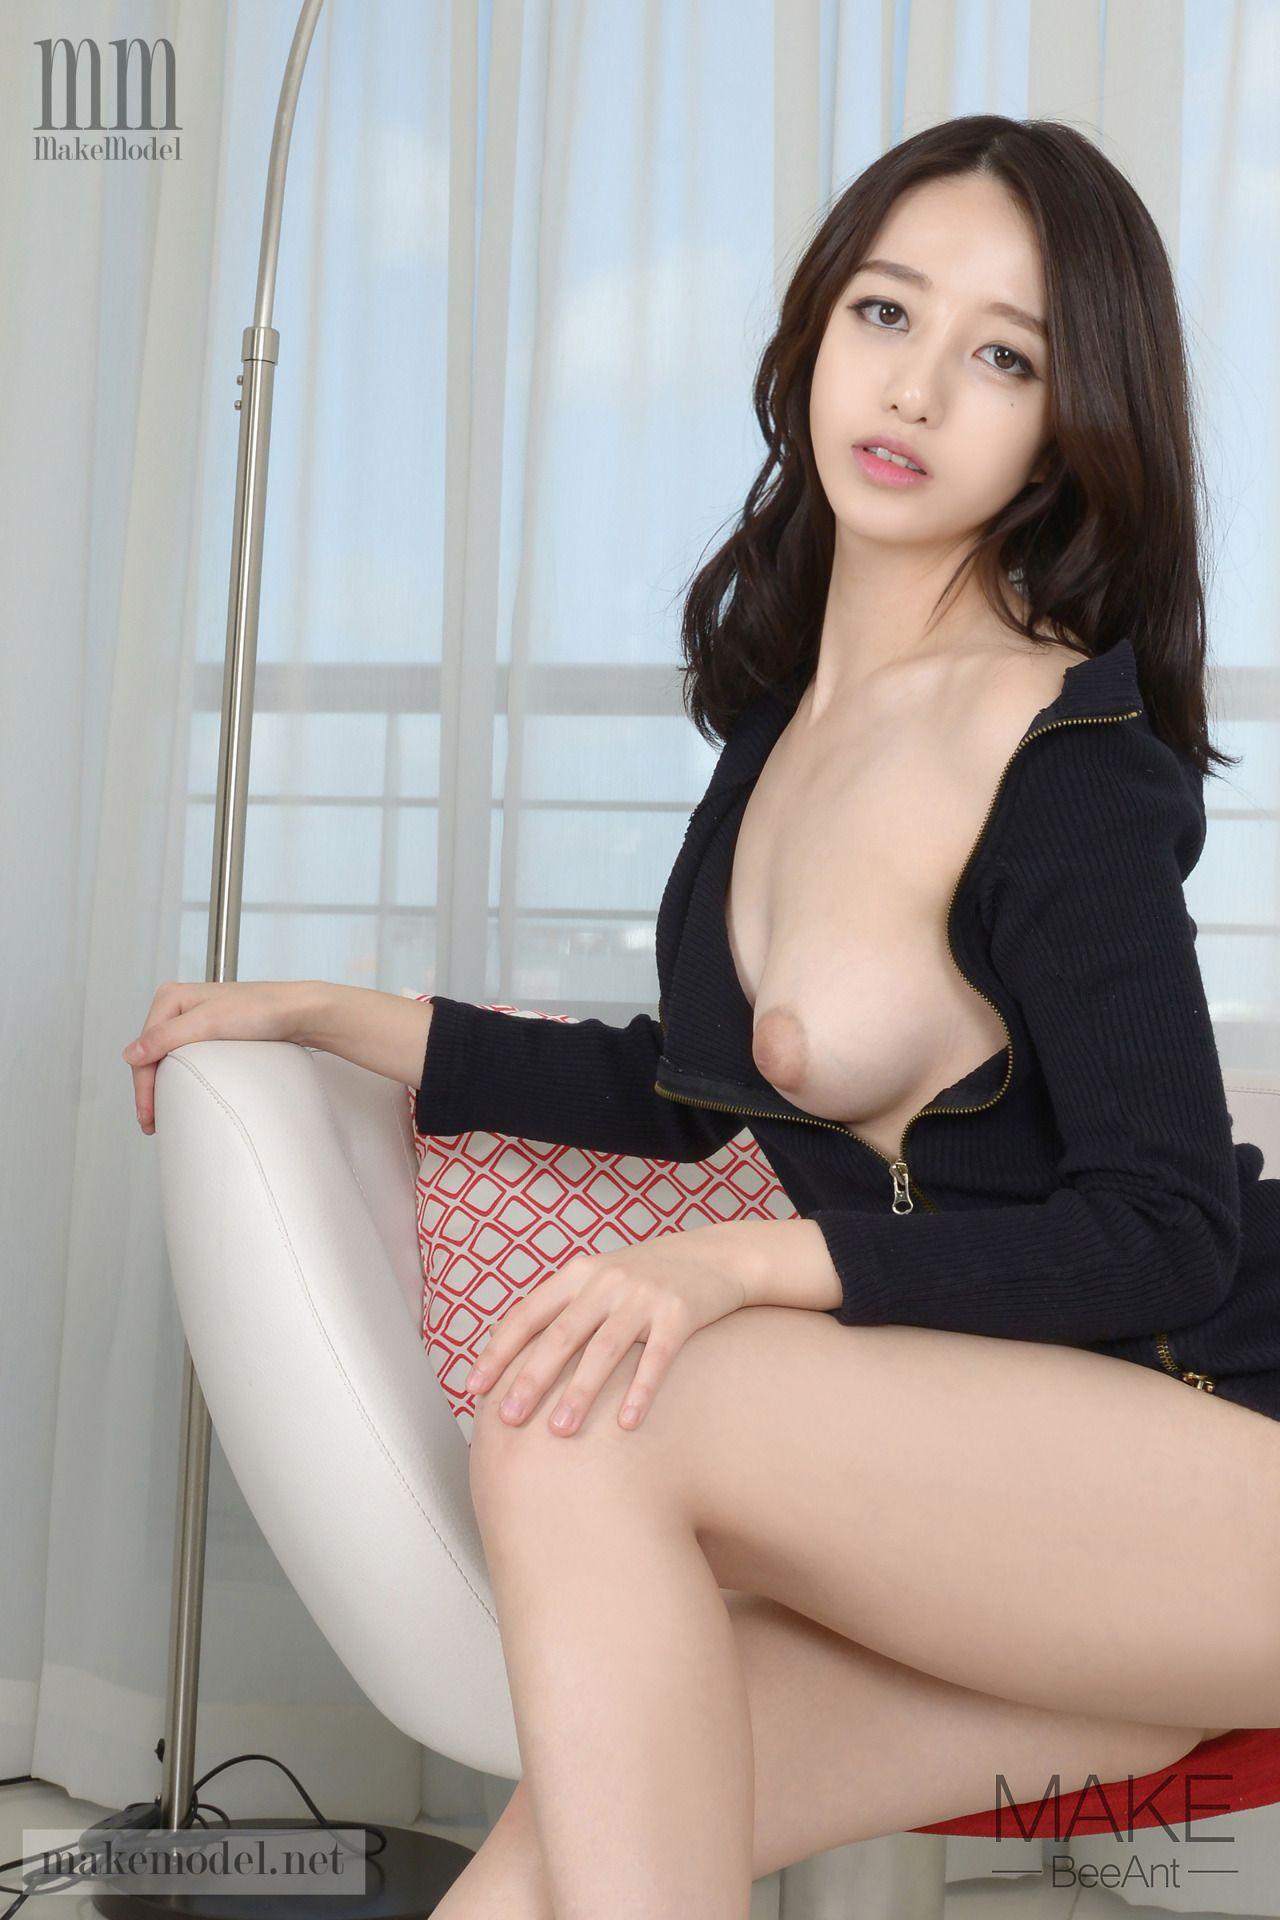 makemodel sua 수아